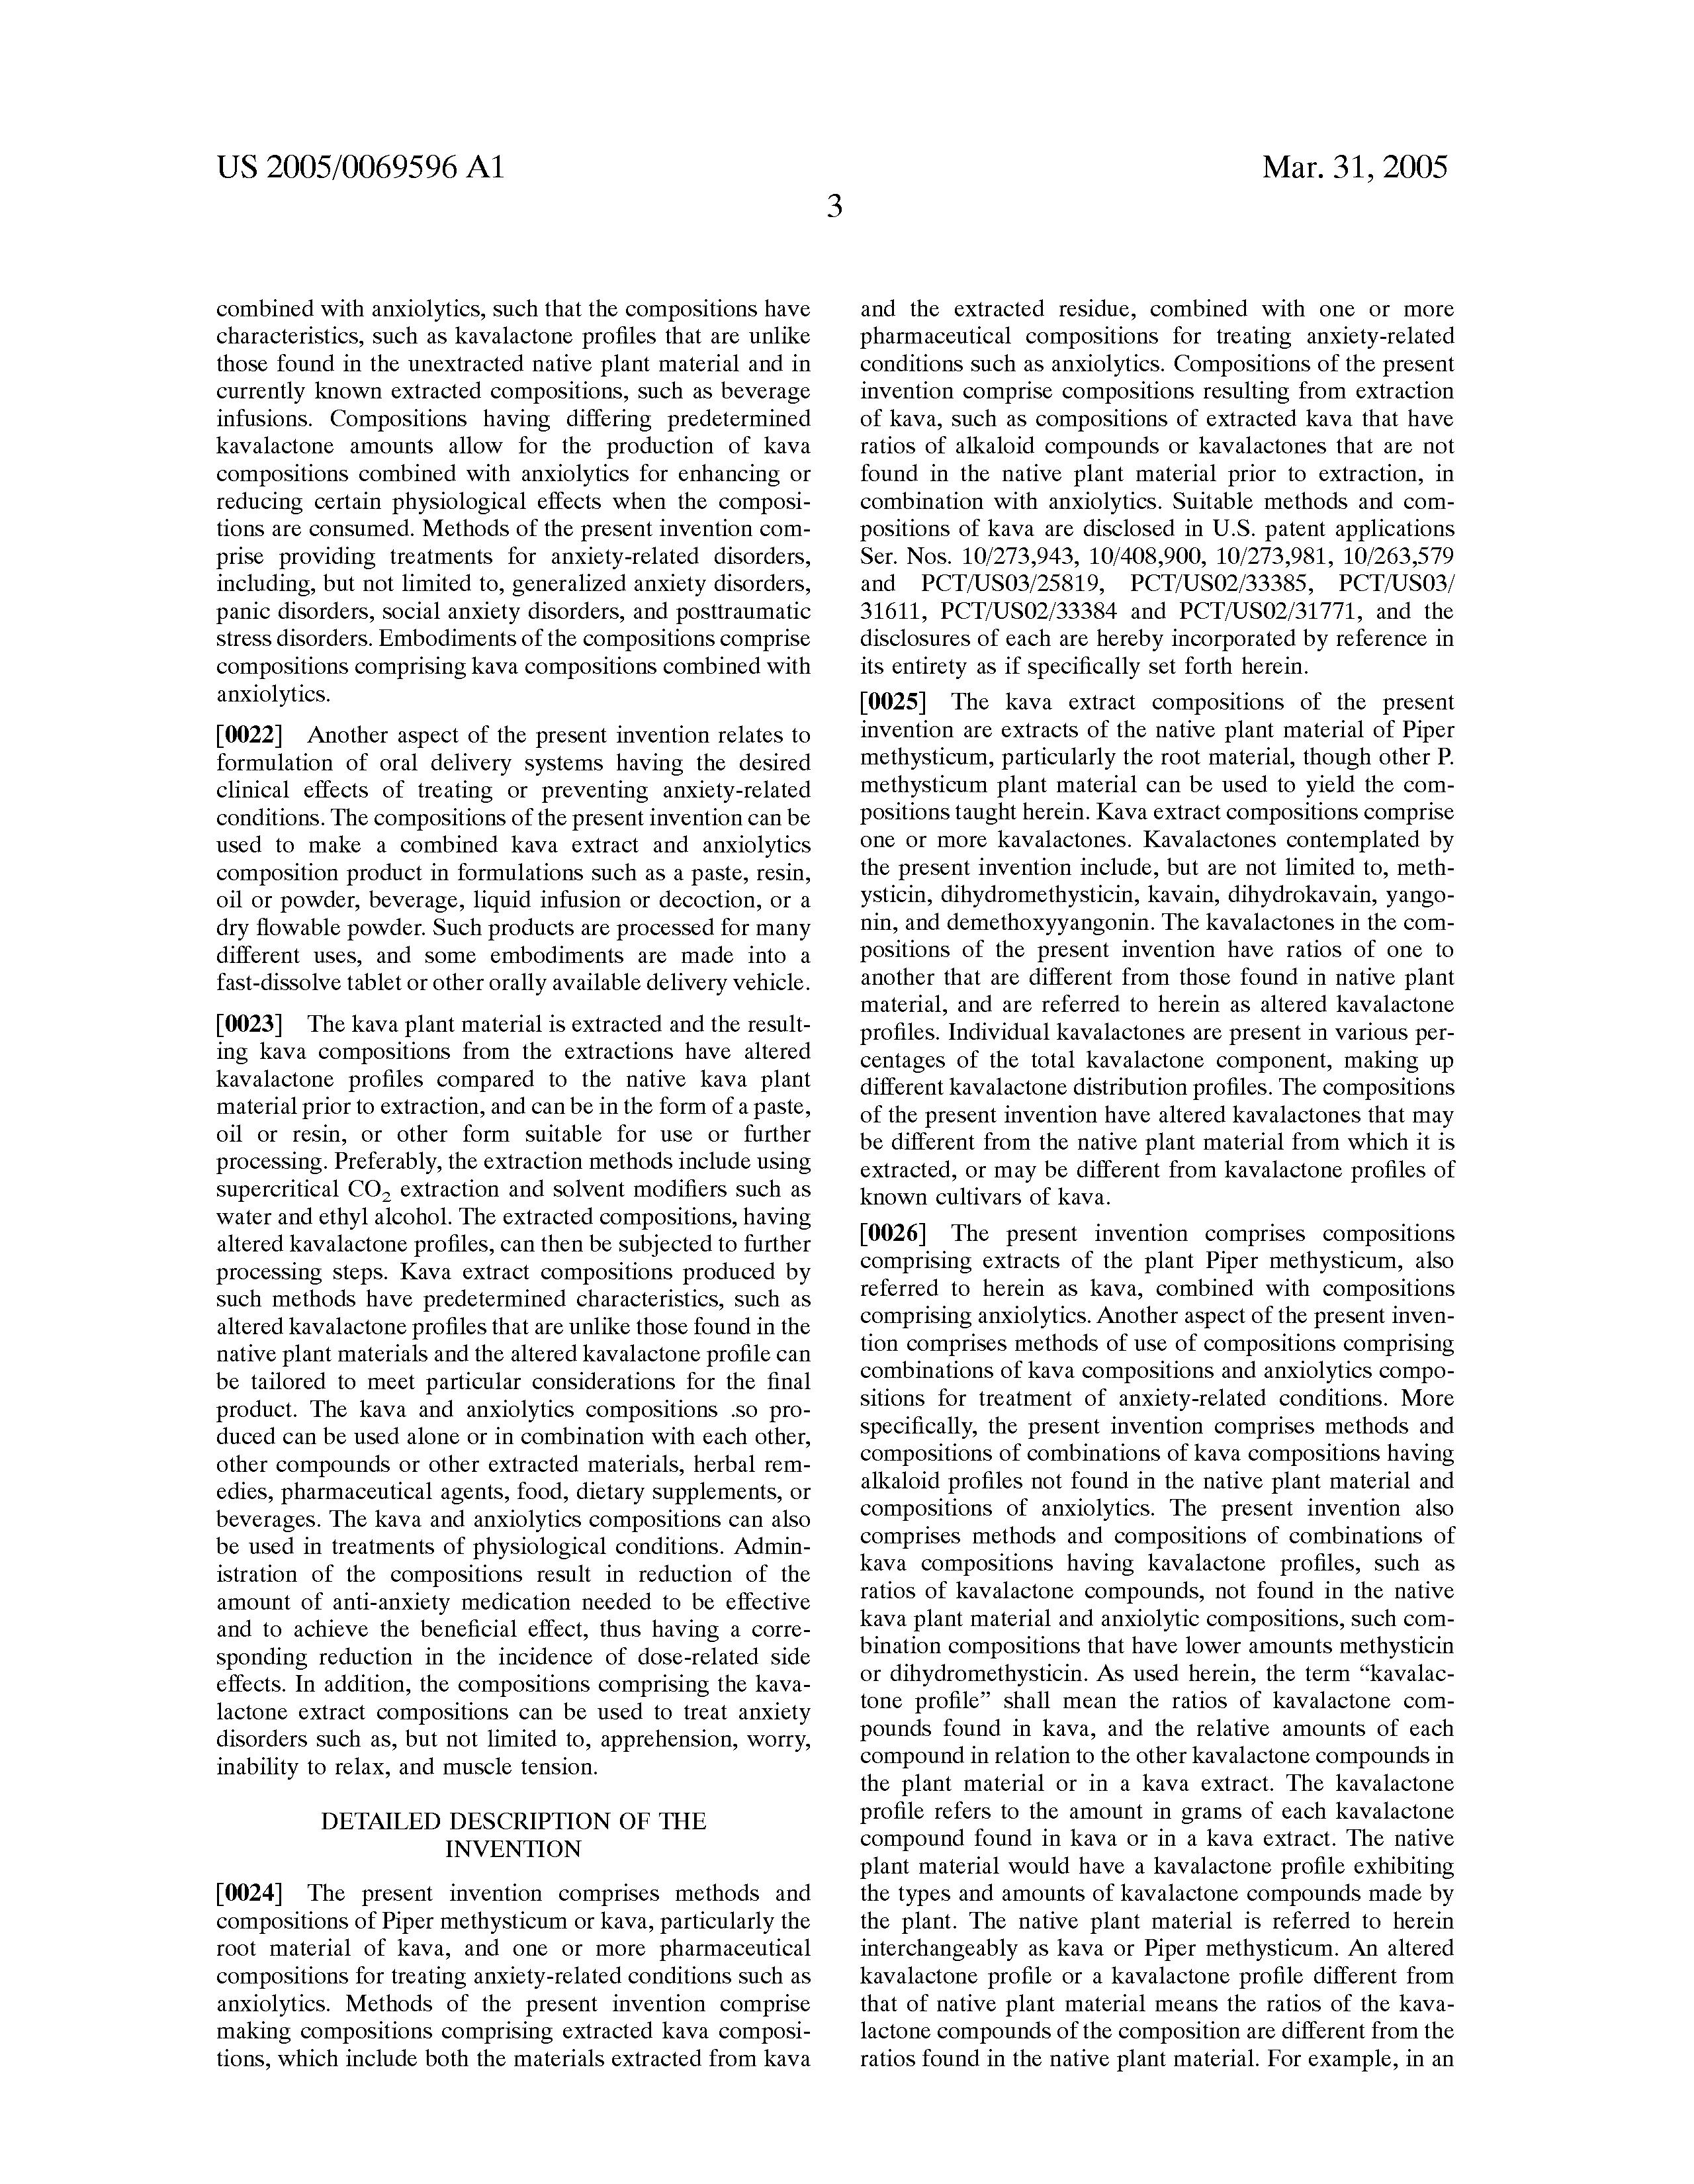 kava assignment